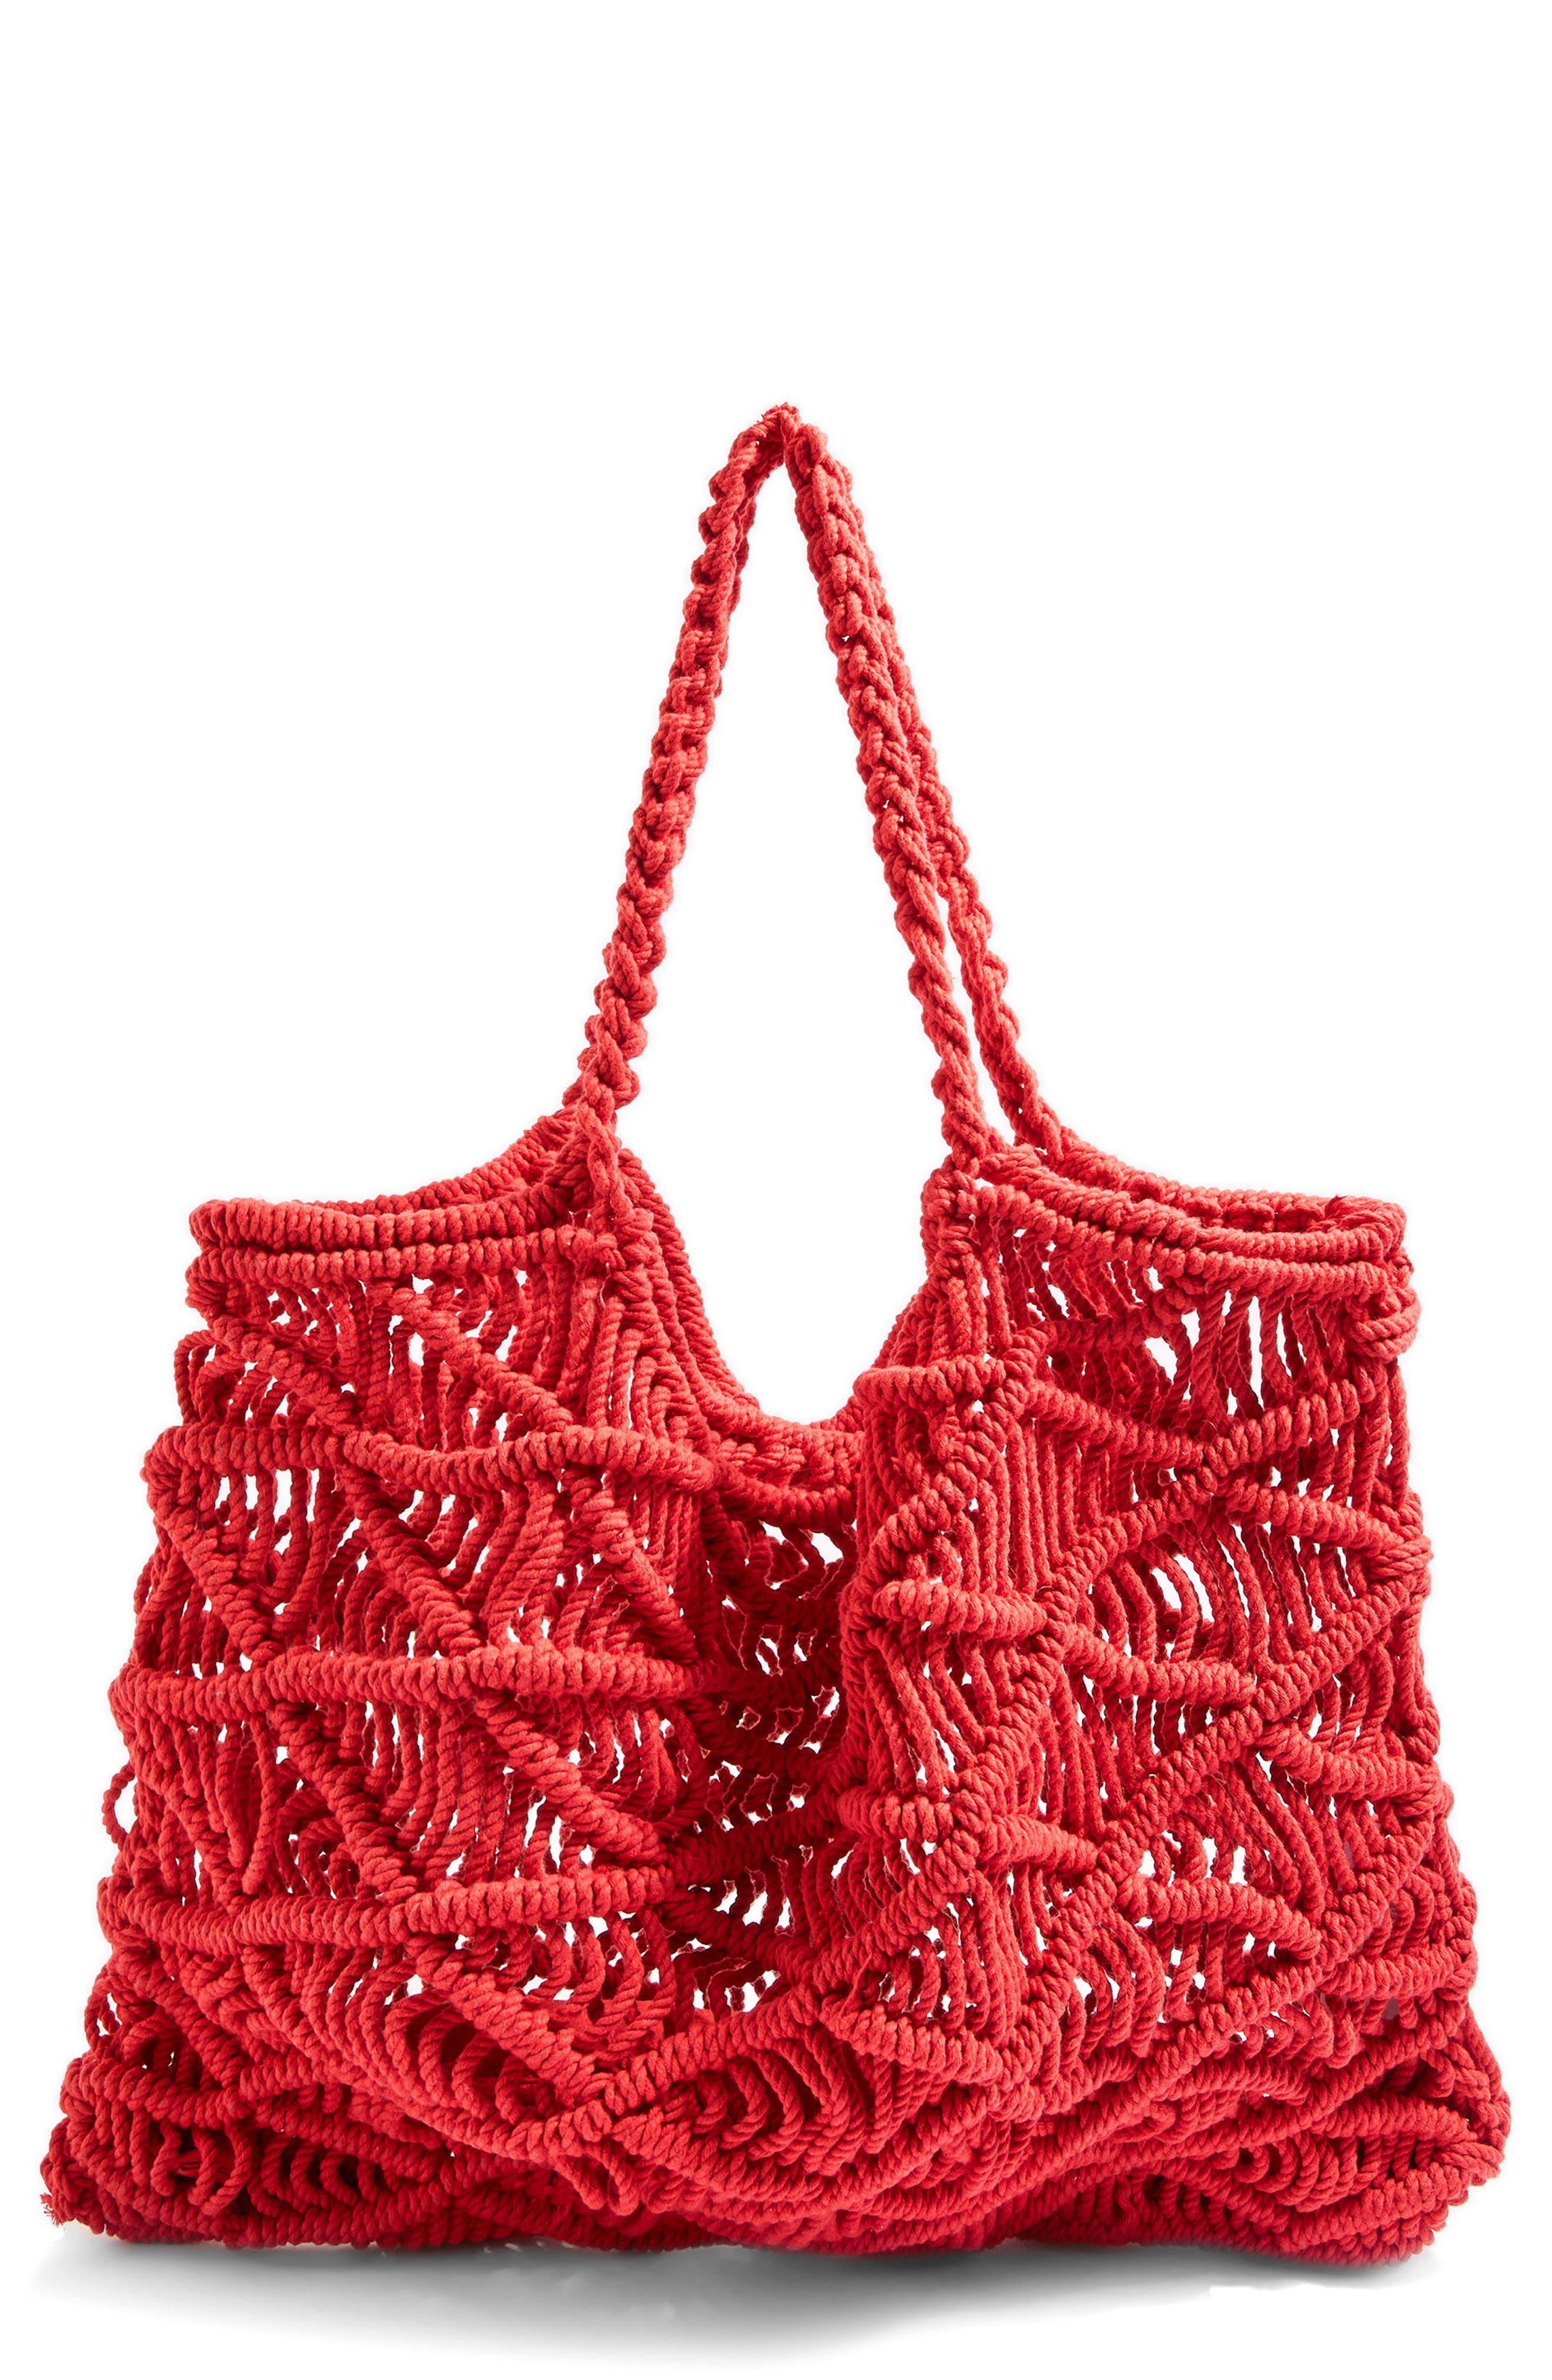 Topshop Macramé Tote Bag